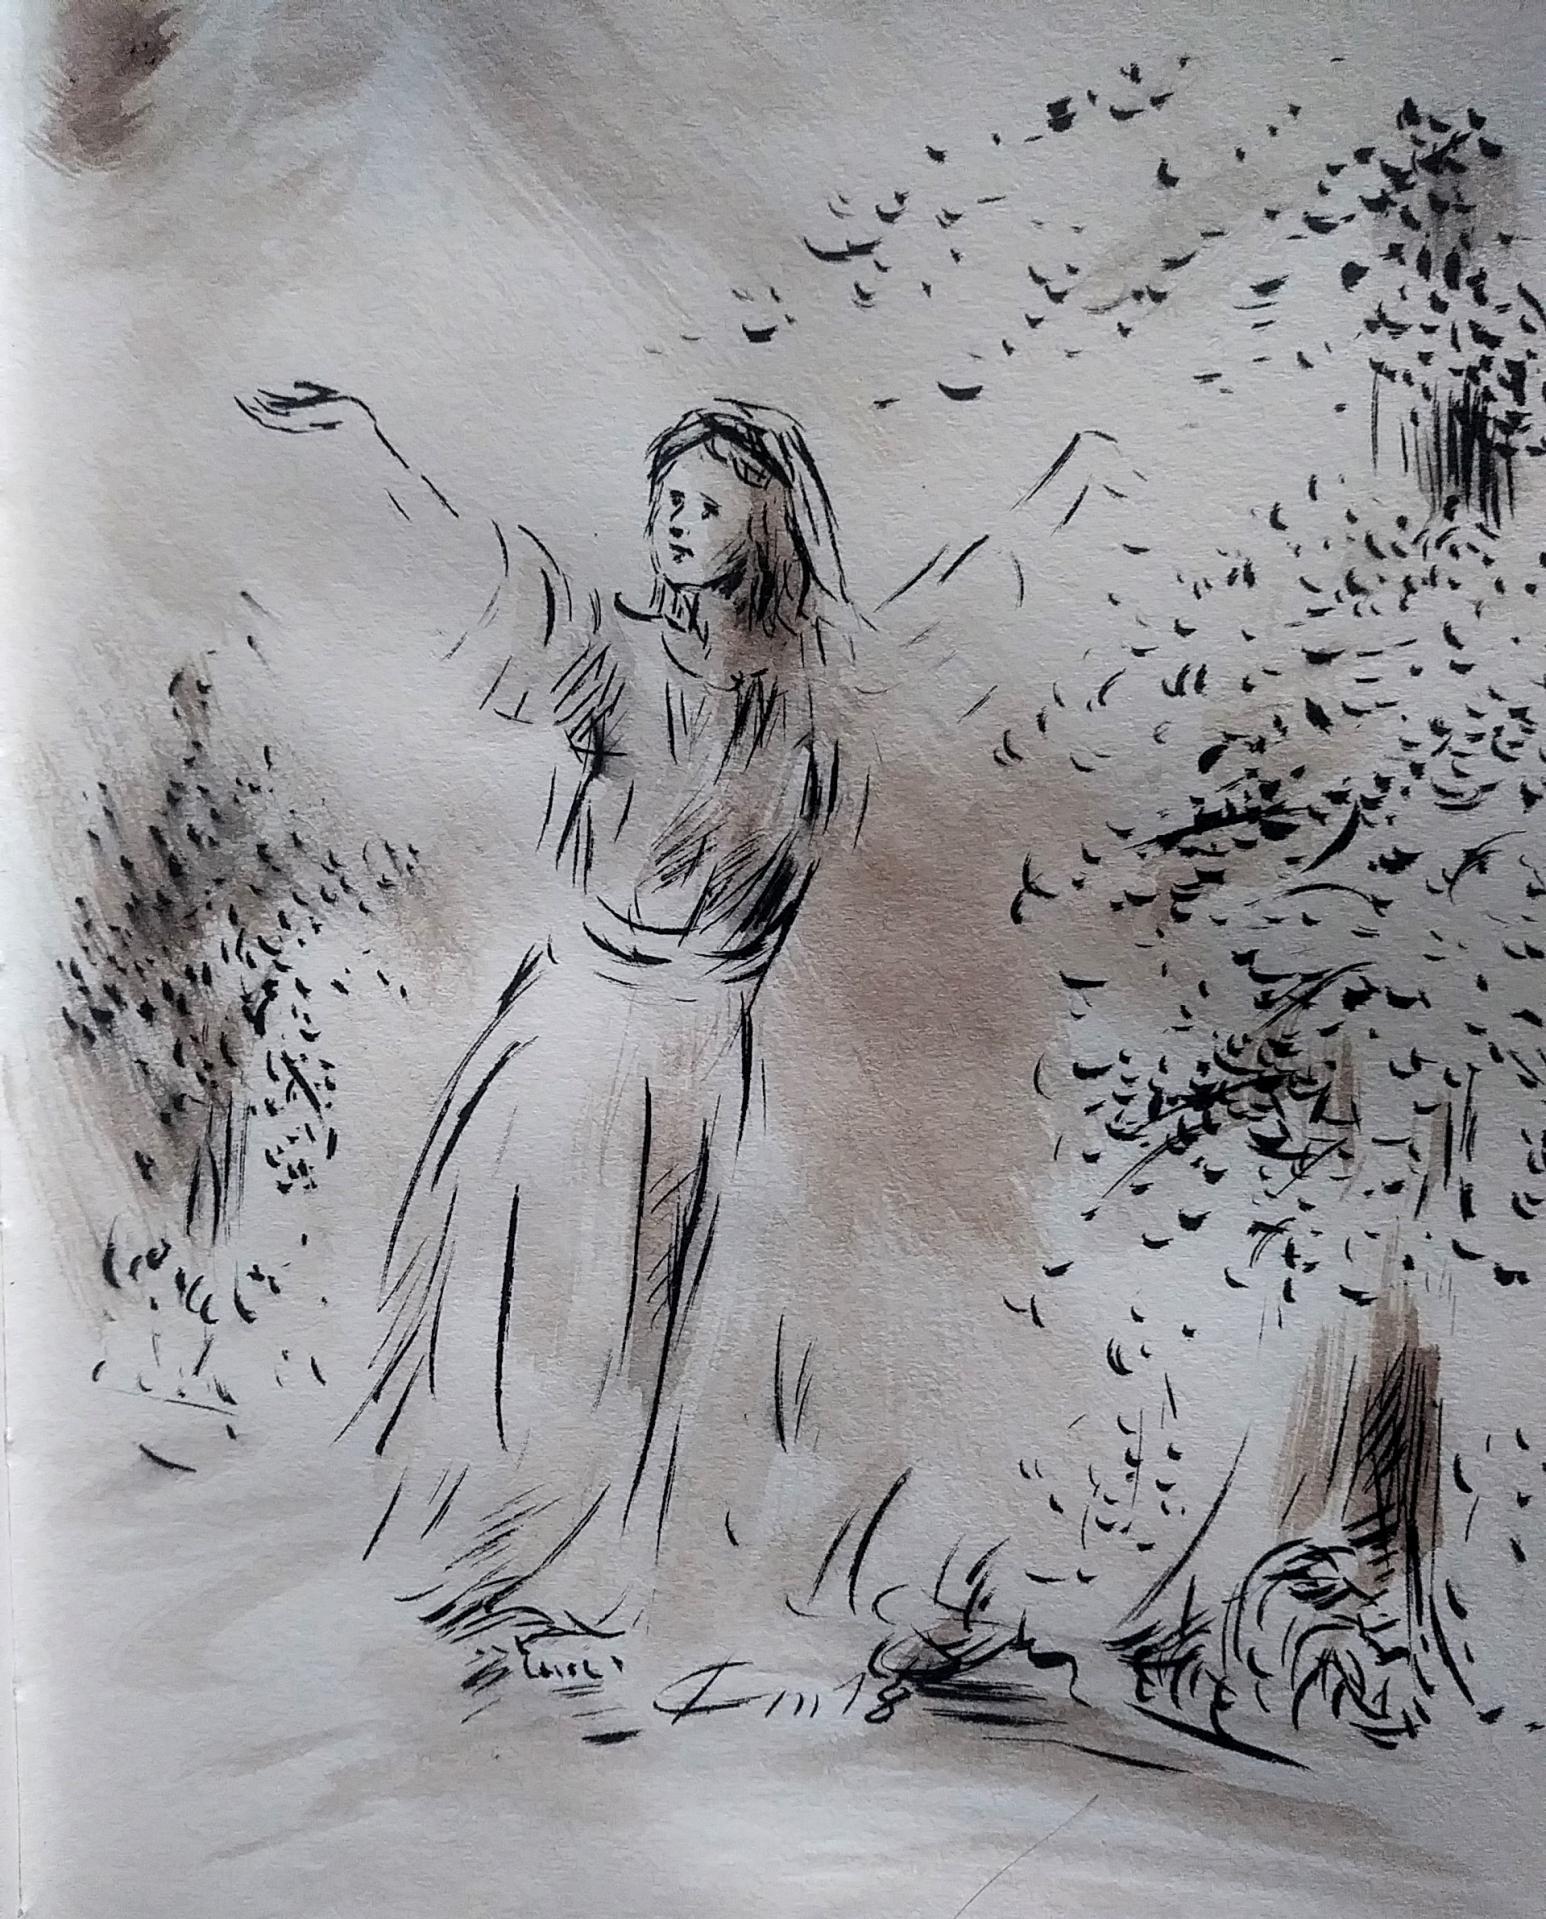 31 mai 2018 evangile du jour illustre par un dessin au lavis de jean joseph chevalier